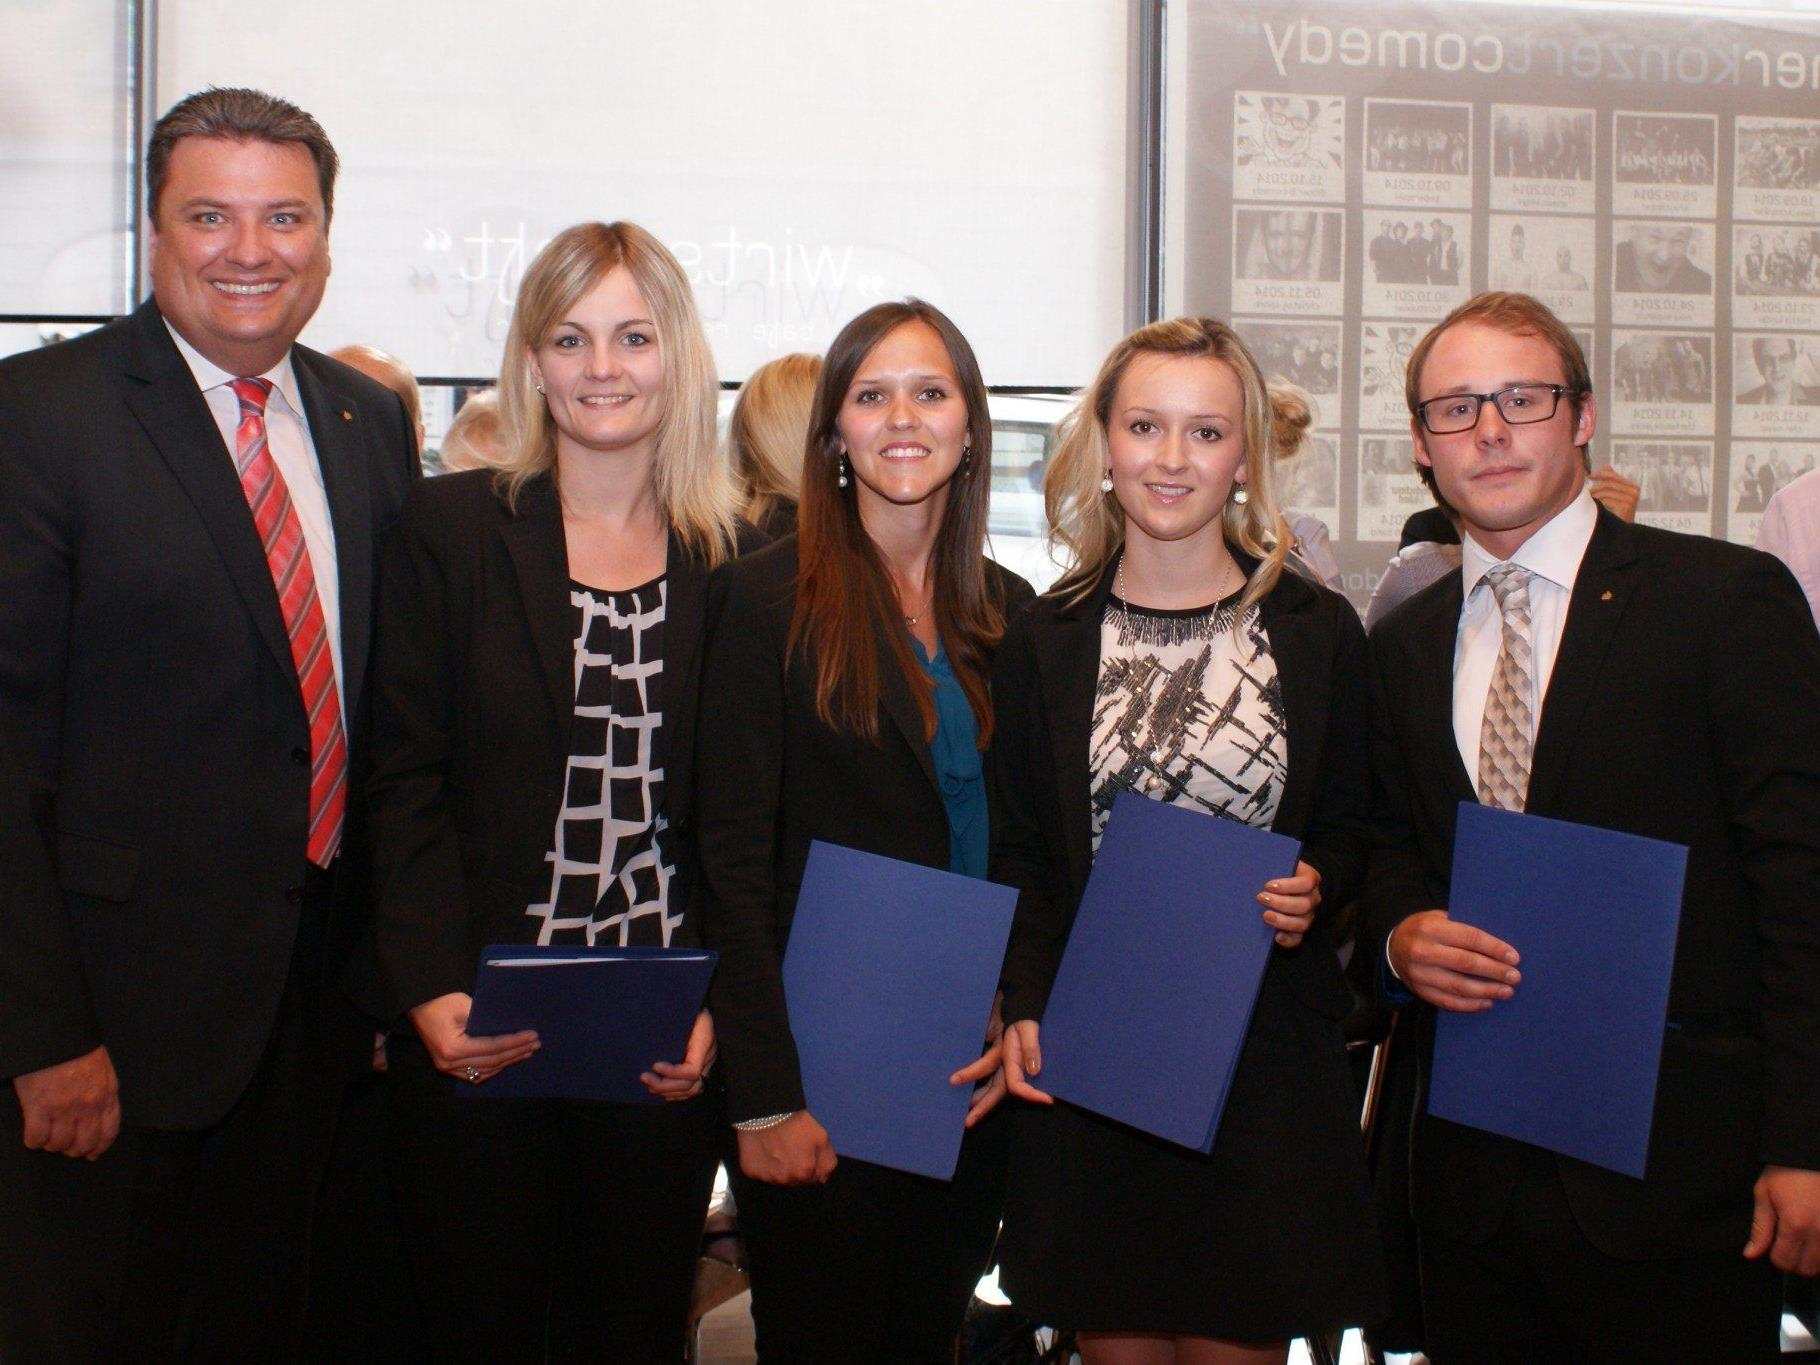 V.l.n.r: Prokurist Daniel Drißner mit den den erfolgreichen AbsolventInnen Stefanie Muther, Isabell Scheucher, Samra Husic und Manuel Hartmann.